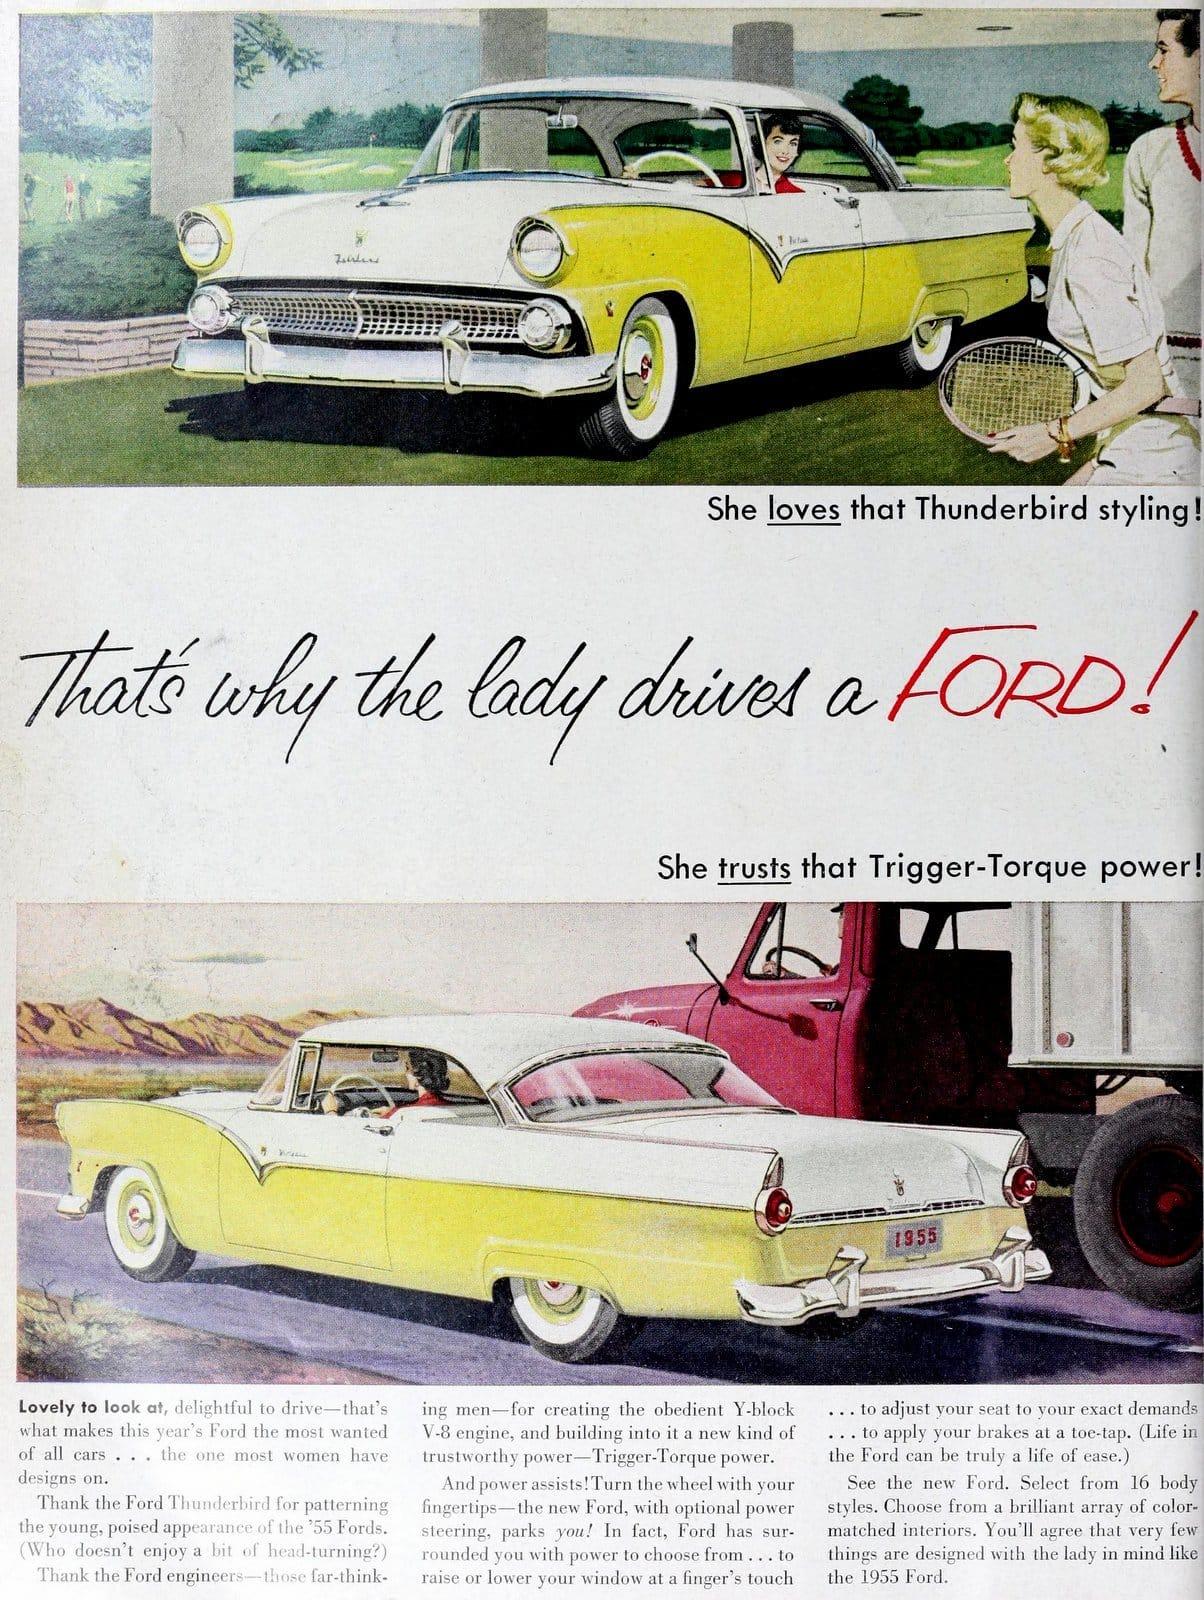 1955 Ford Thunderbird cars